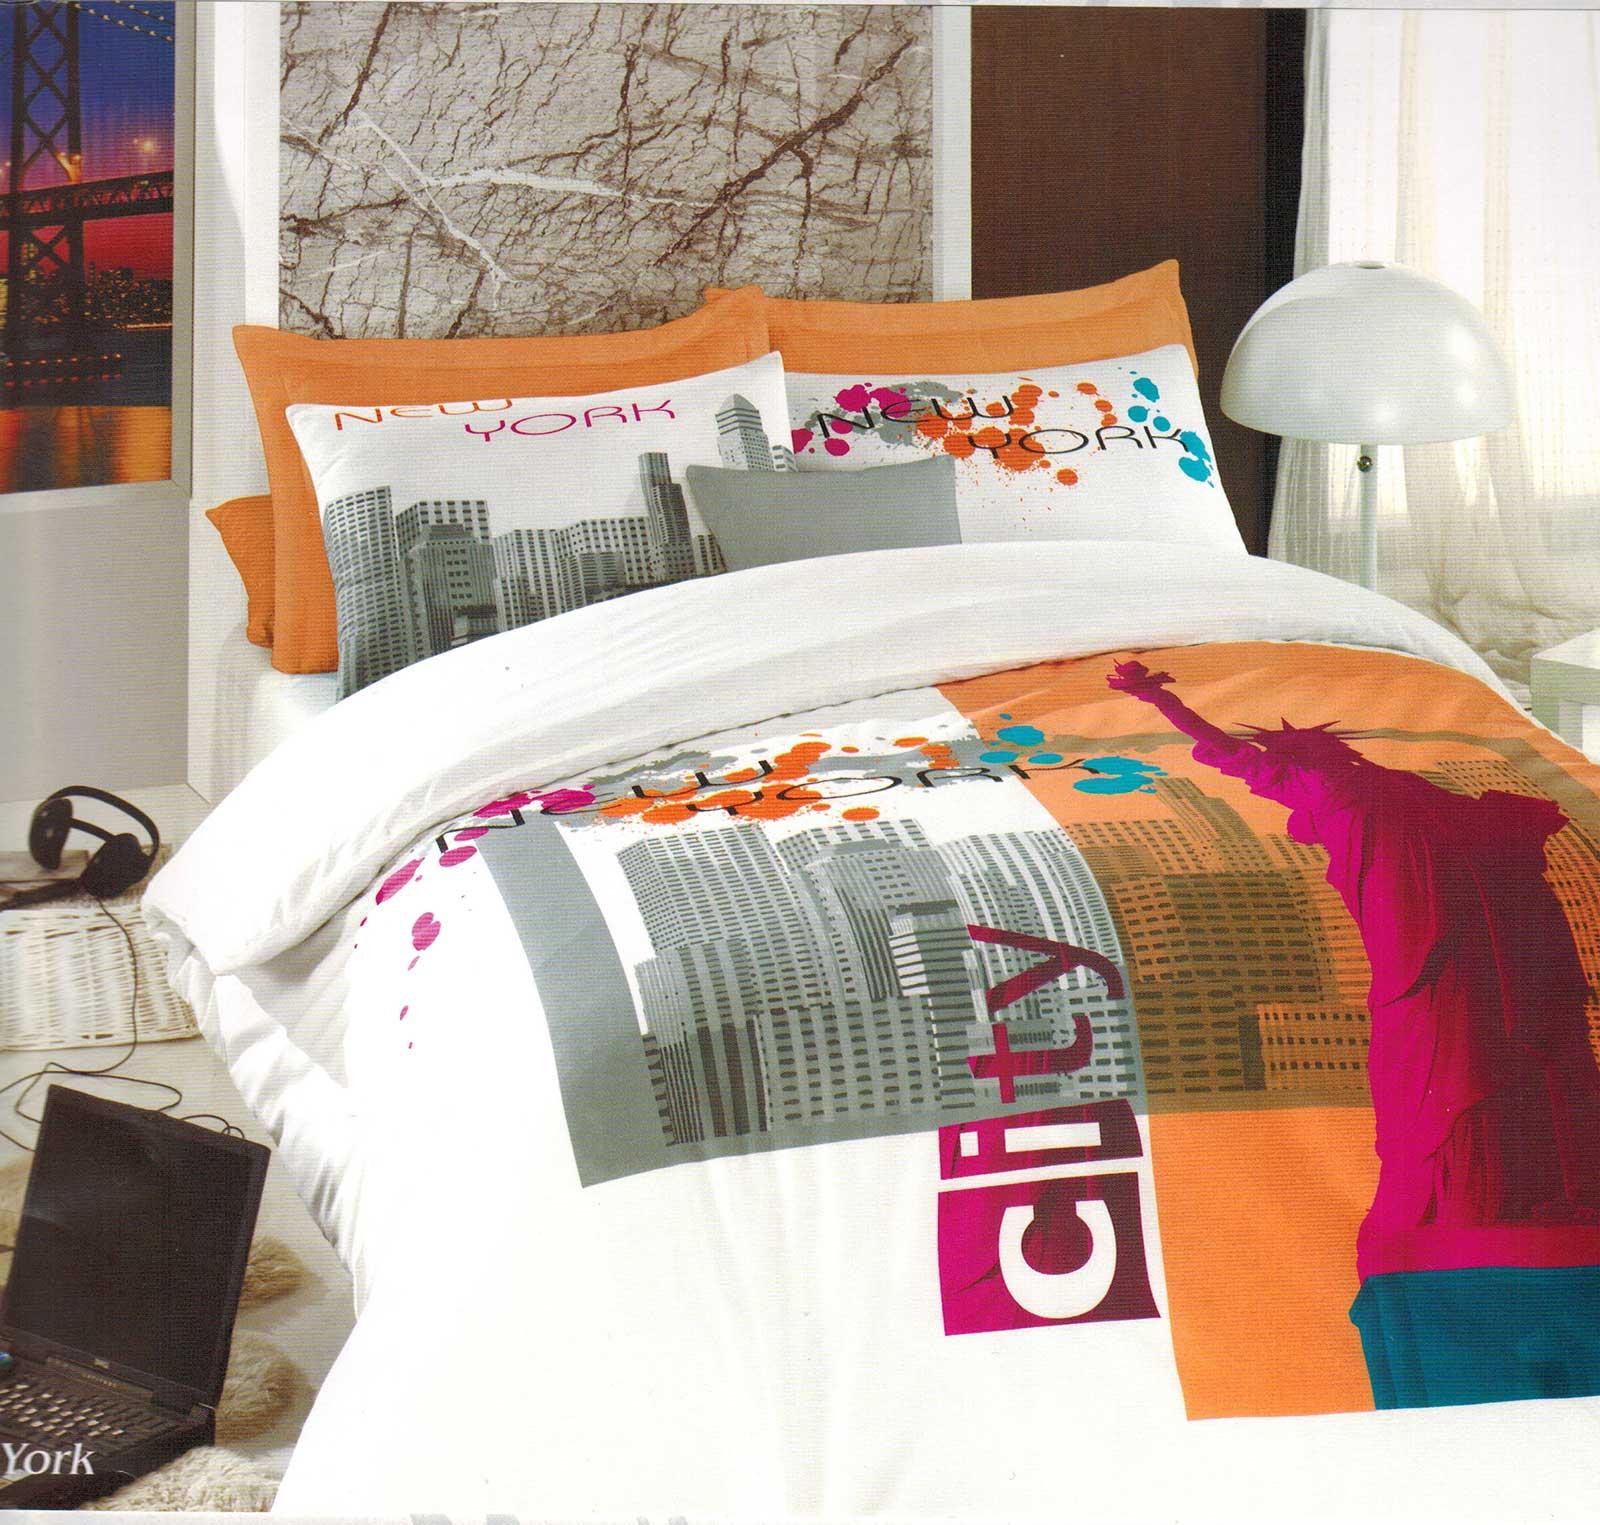 5 tlg bettw sche bettgarnitur 100 baumwolle kissen decke 200x200cm new york neu ebay. Black Bedroom Furniture Sets. Home Design Ideas